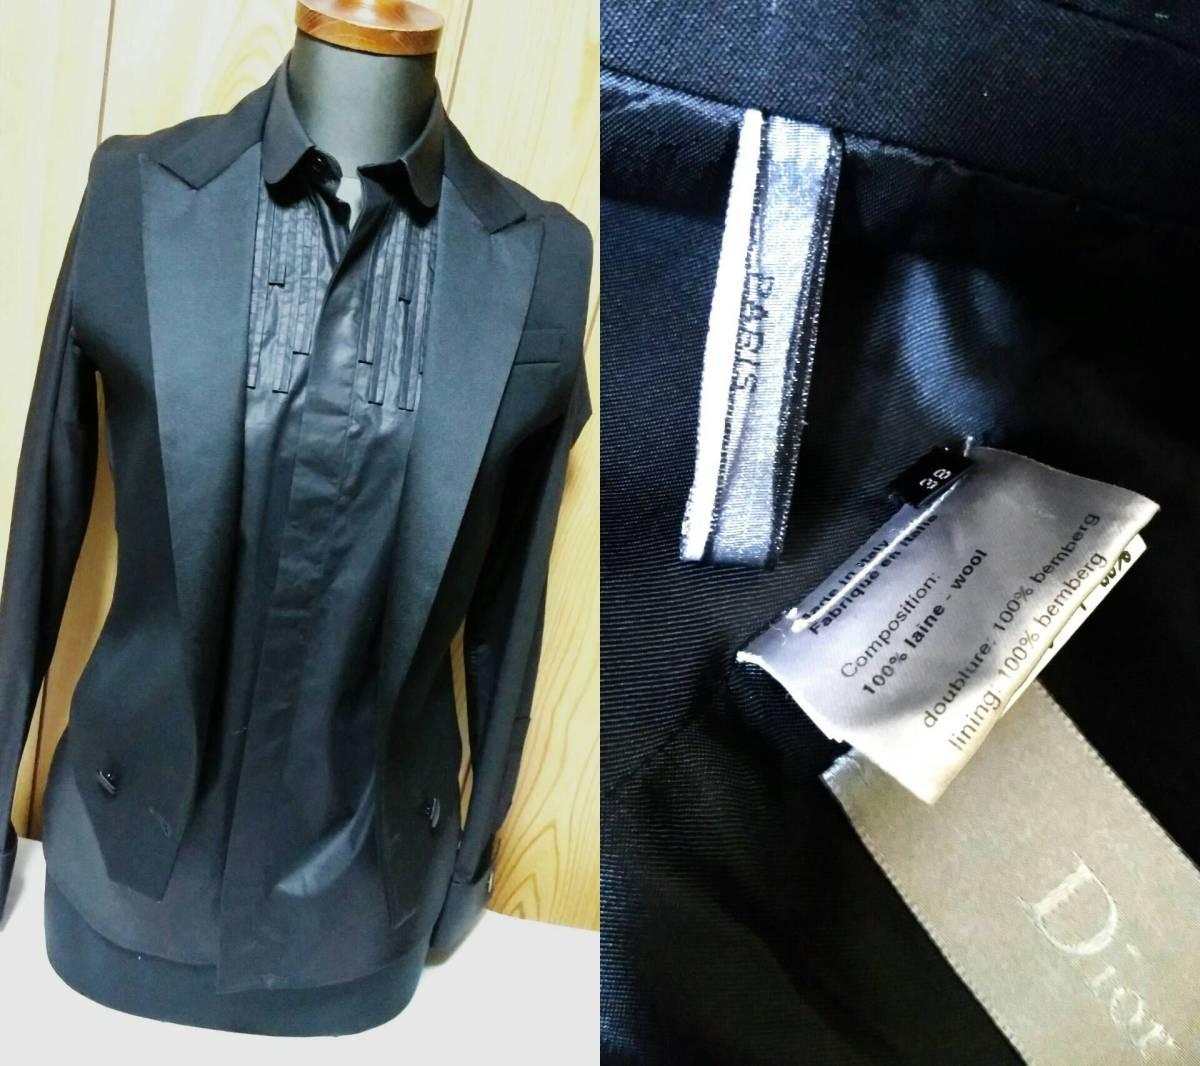 国内正規新古 Dior Hommeディオールオム スモーキングラペルジレ黒 ピークド光沢ラペルブラックベスト 最小38 XXS ジャケット以上の存在感!_画像8